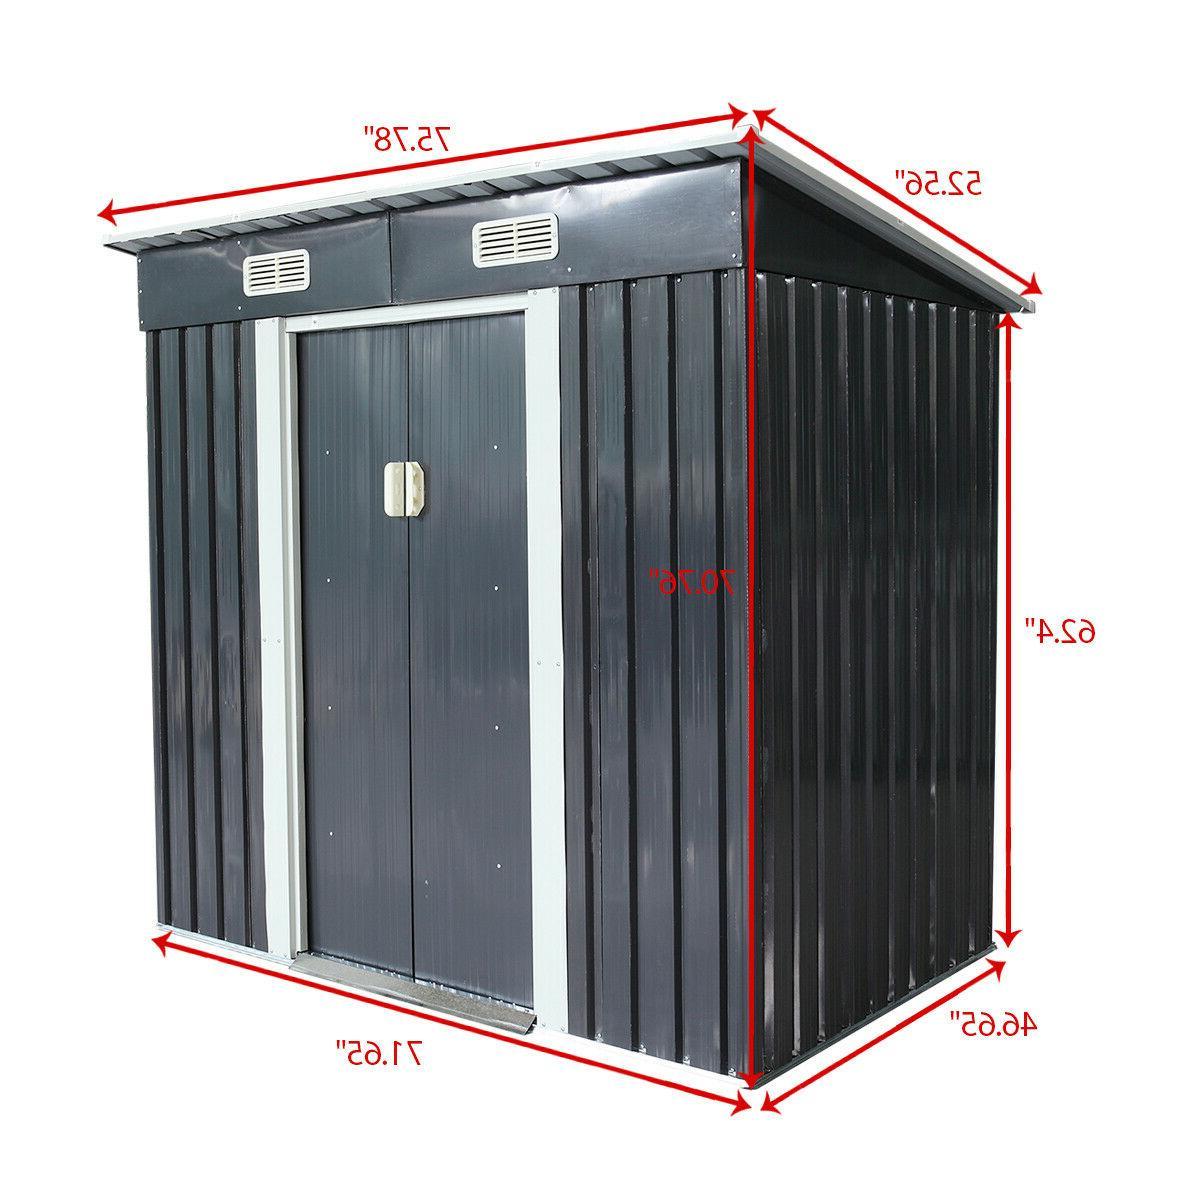 4 Storage Shed Tool Box Steel Utility Backyard Garden